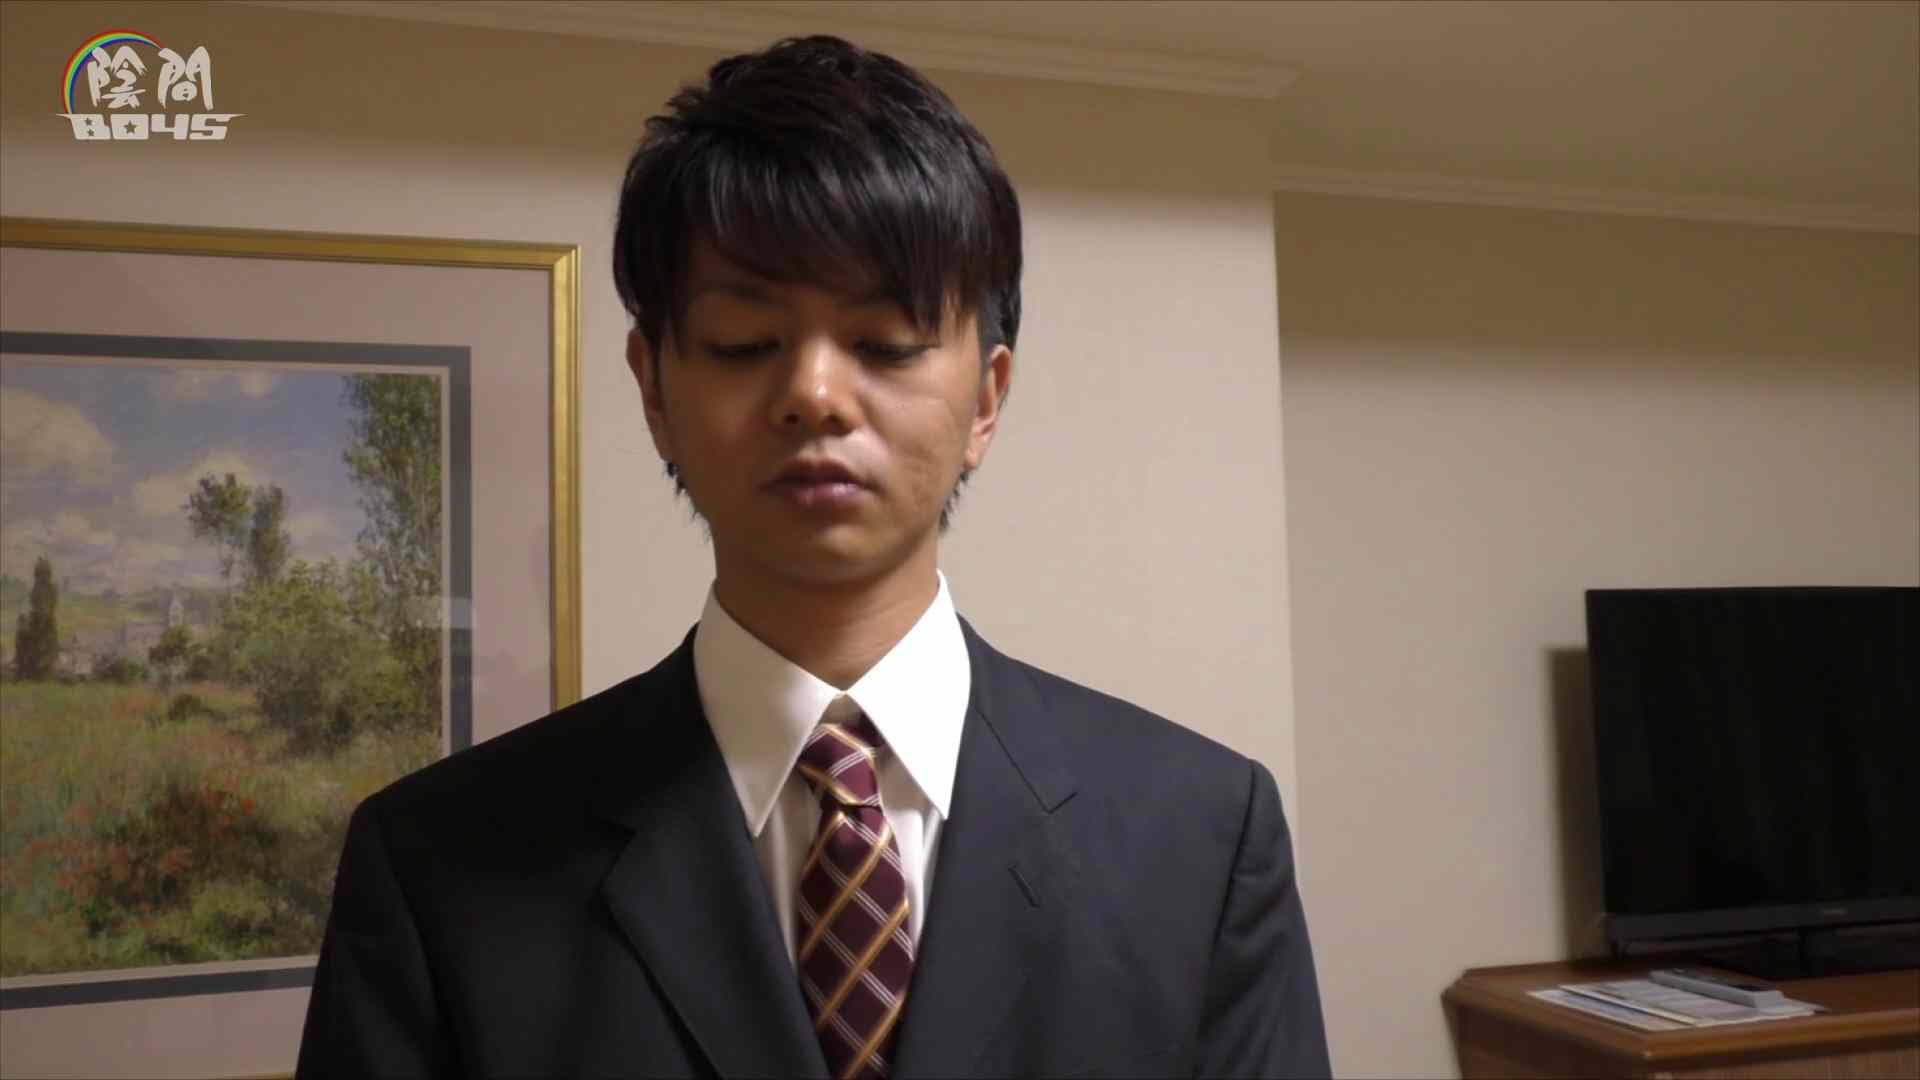 陰間BOYS~キャバクラの仕事はアナルから4 Vol.01 手コキ ゲイモロ見え画像 12枚 3